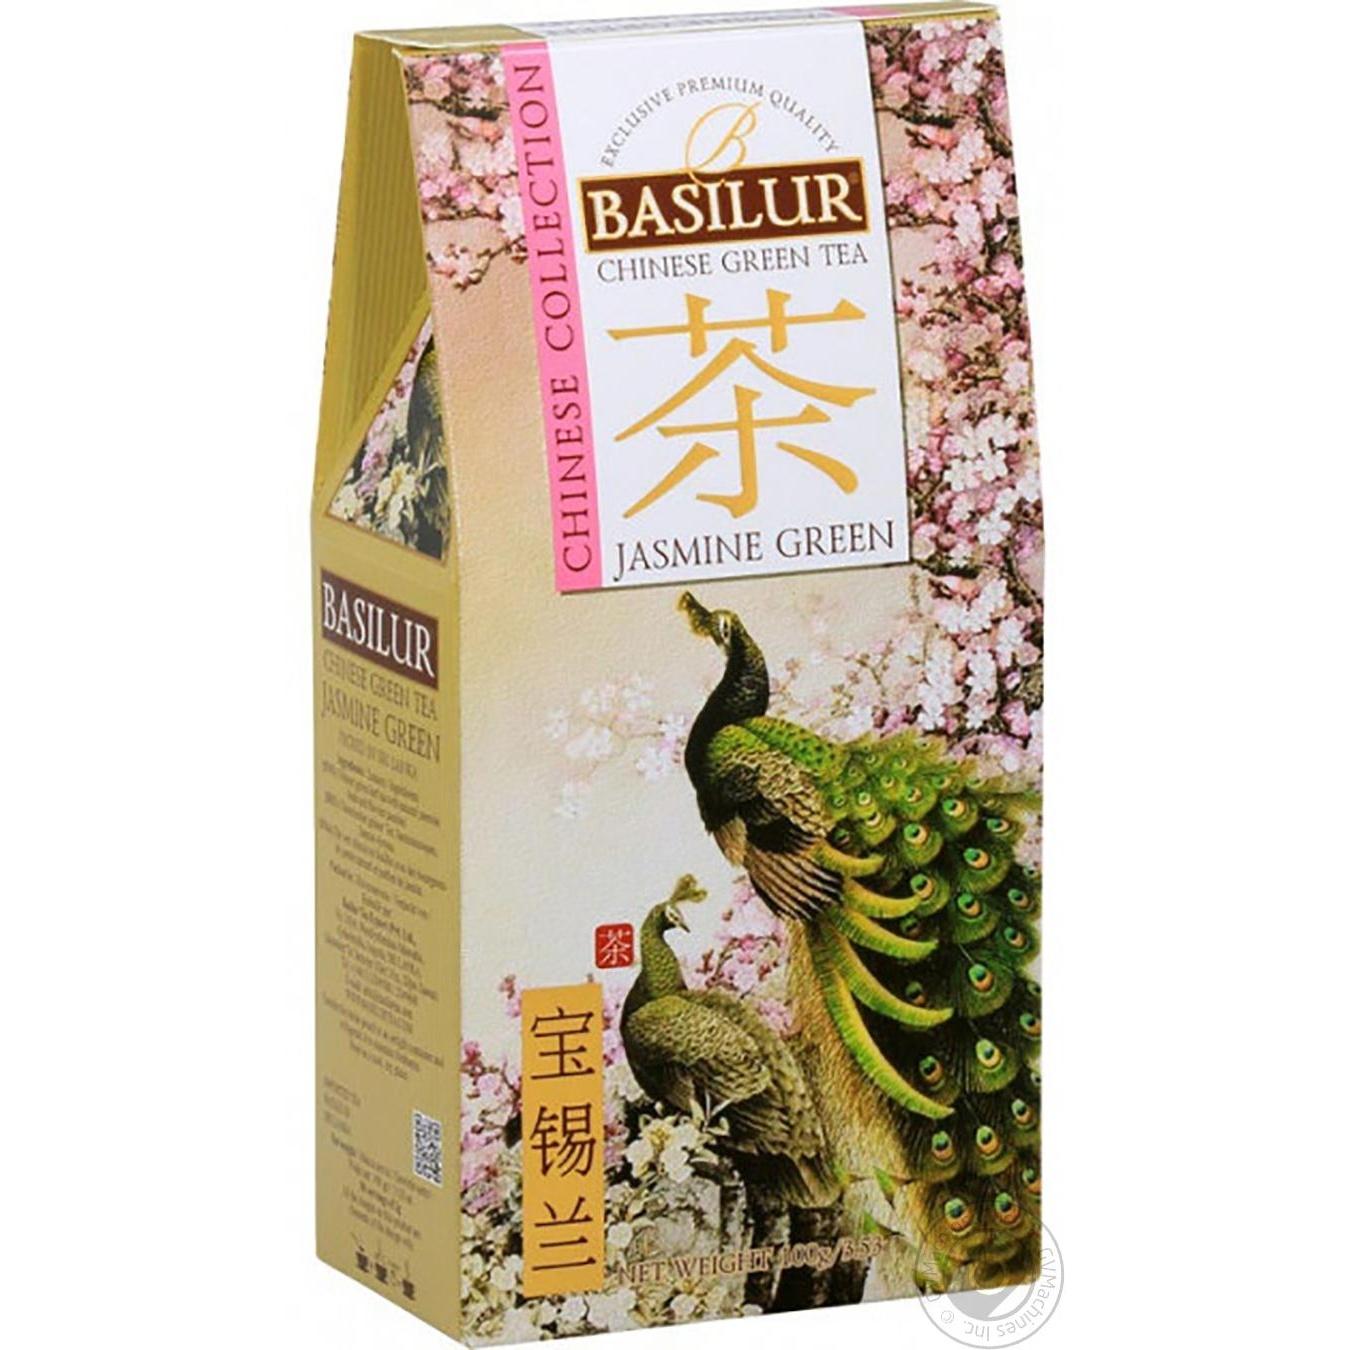 Купить Чай Basilur зеленый китай жасмин 100г